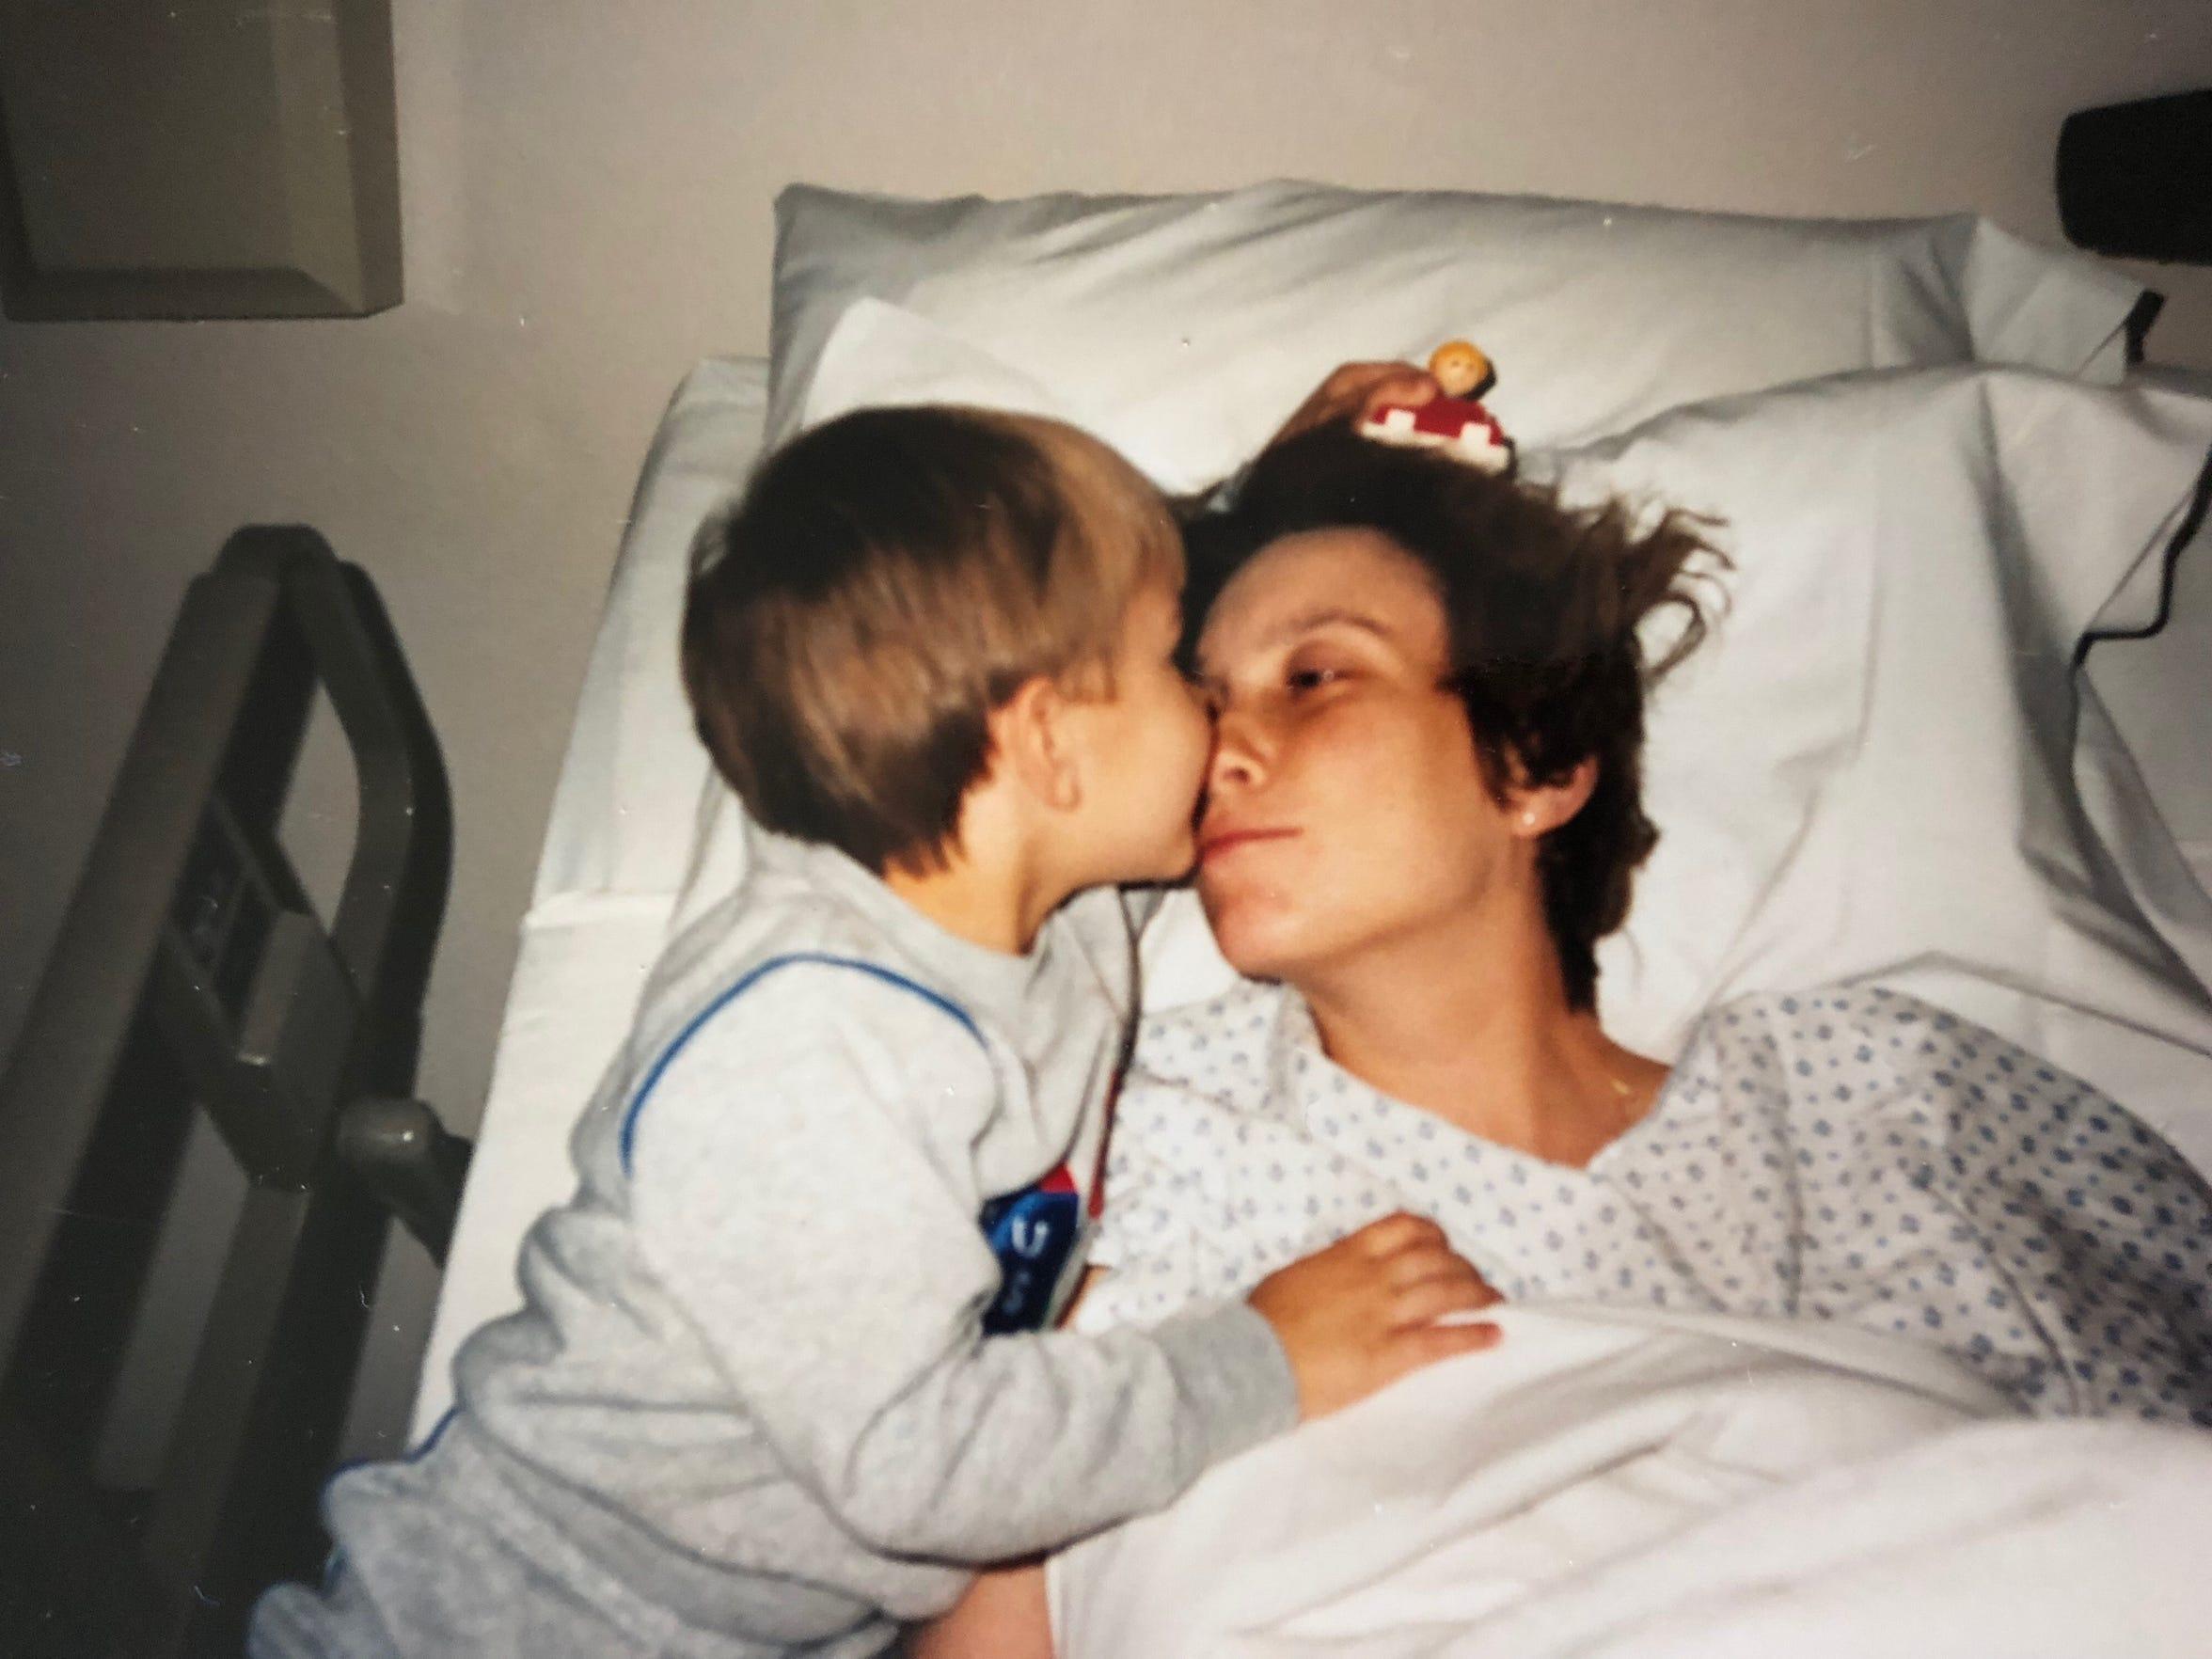 Angela Klier-Brunk, 60, of Des Moines, kisses her oldest